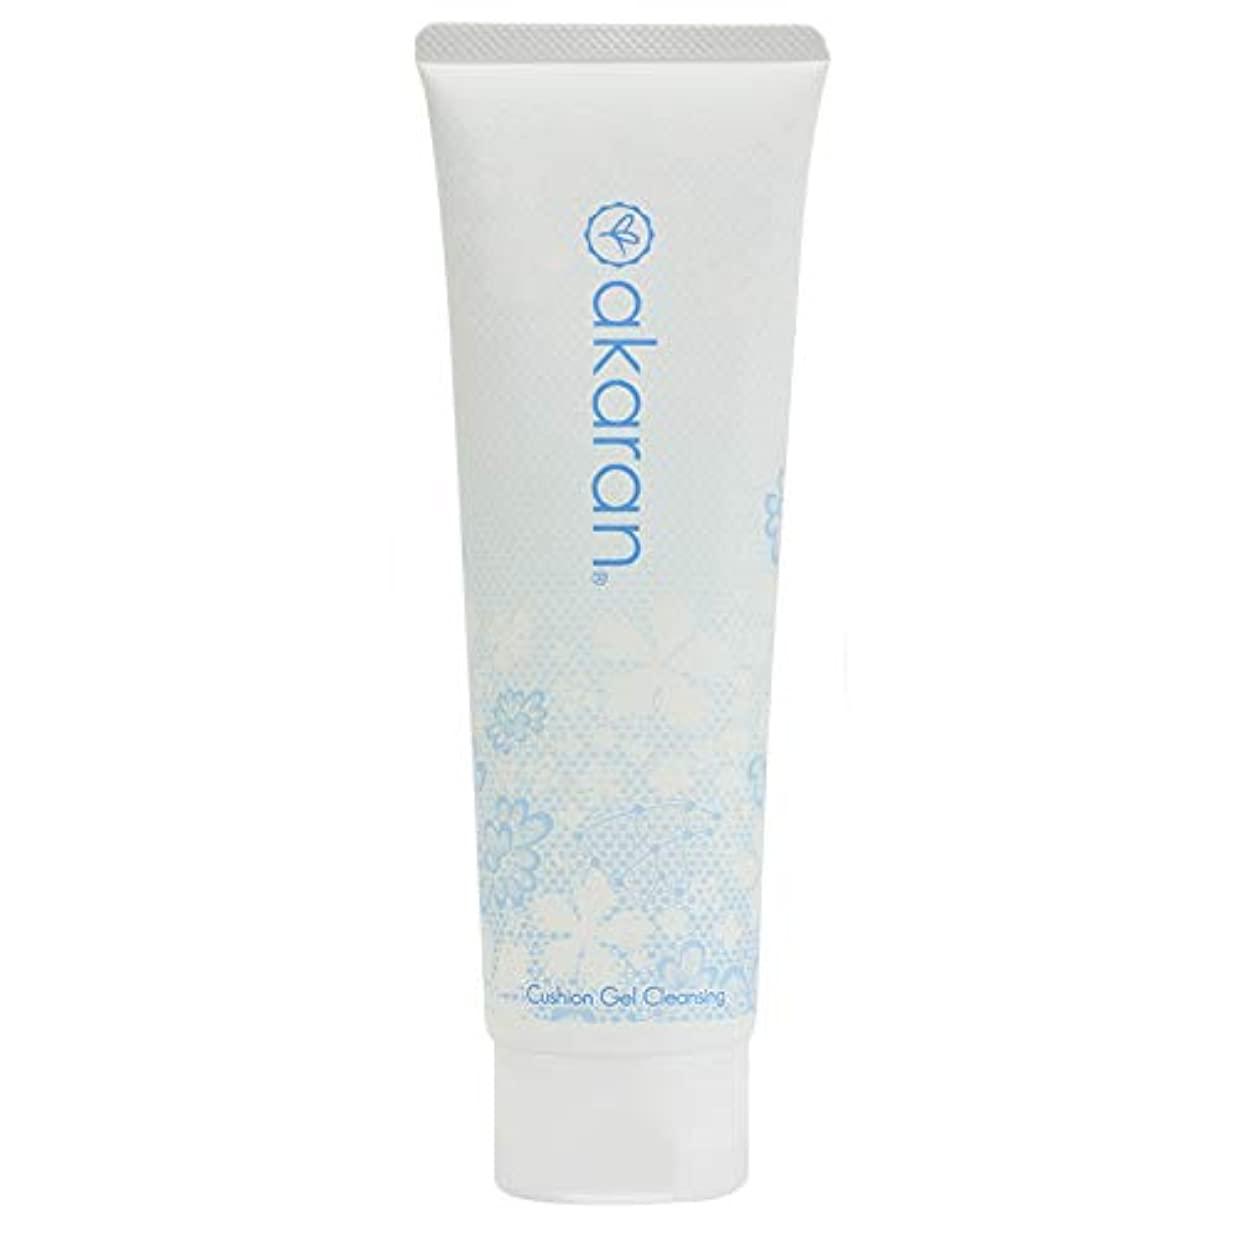 アカラン クッションジェルクレンジング 150g 乾燥肌 敏感肌 無添加 W洗顔不要 毛穴黒ずみ除去 オイルフリー